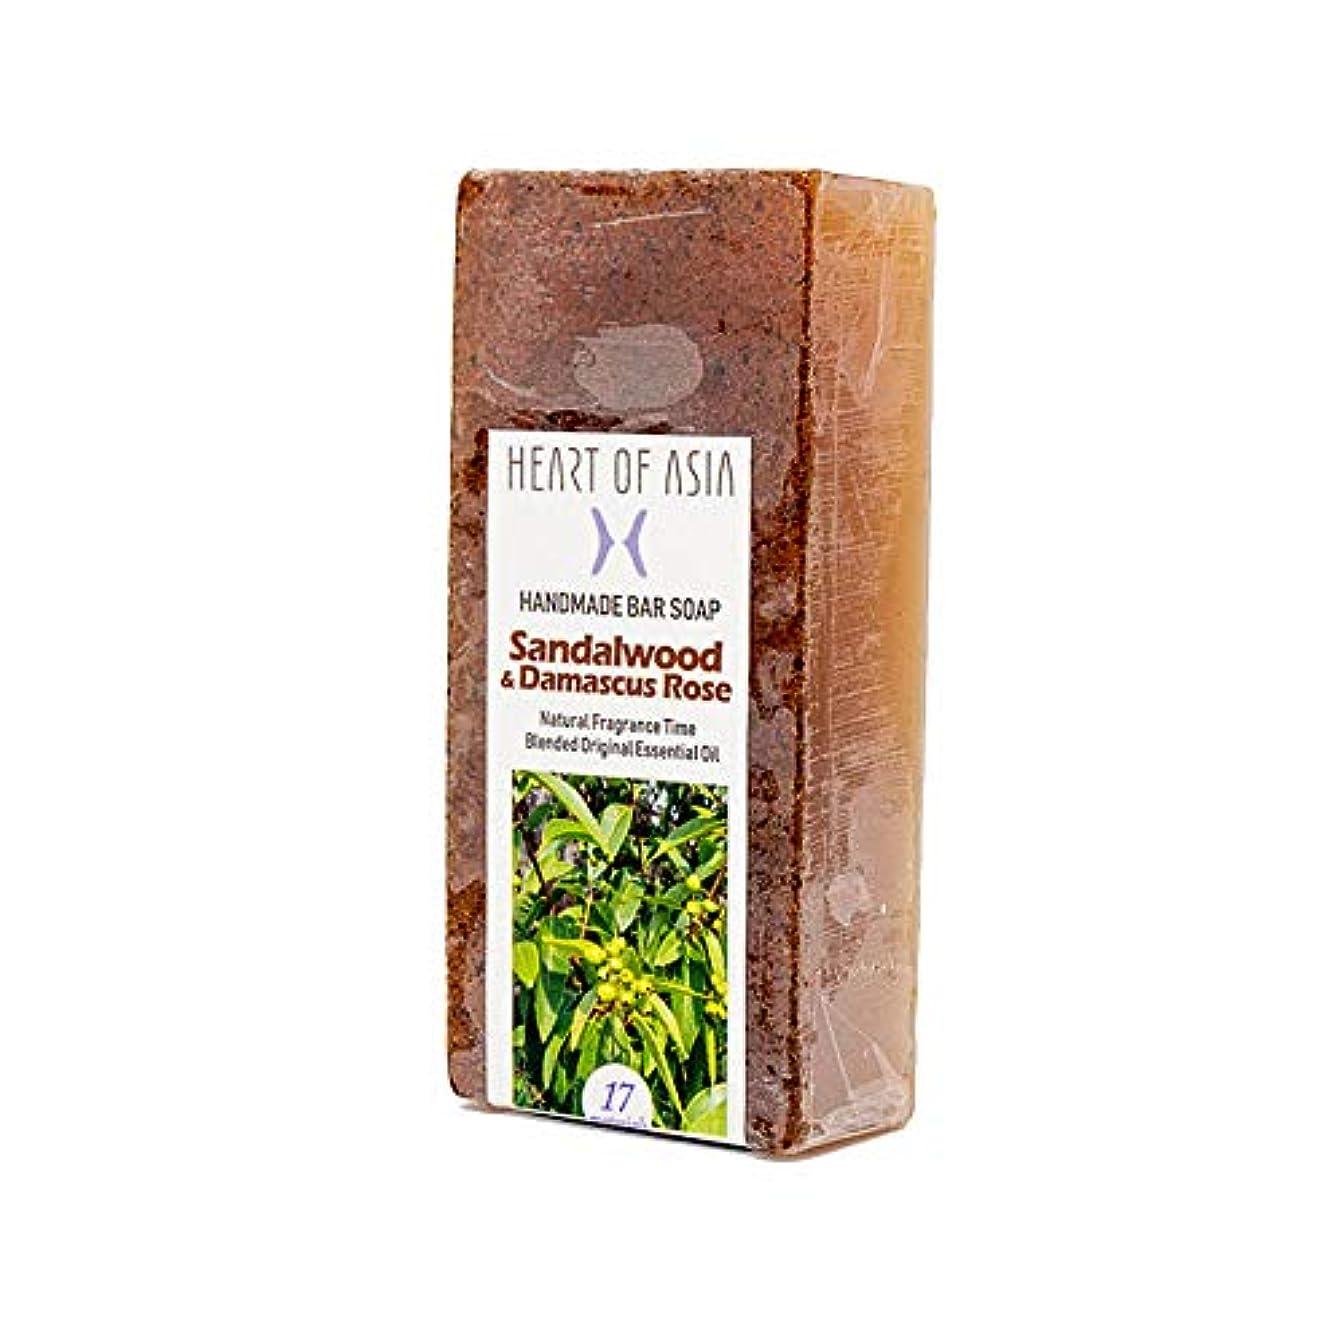 プラカード摘むオークランド香水のようなフレグランス石けん HANDMADE BAR SOAP ~Sandalwood&Damascus Rose~ (単品)